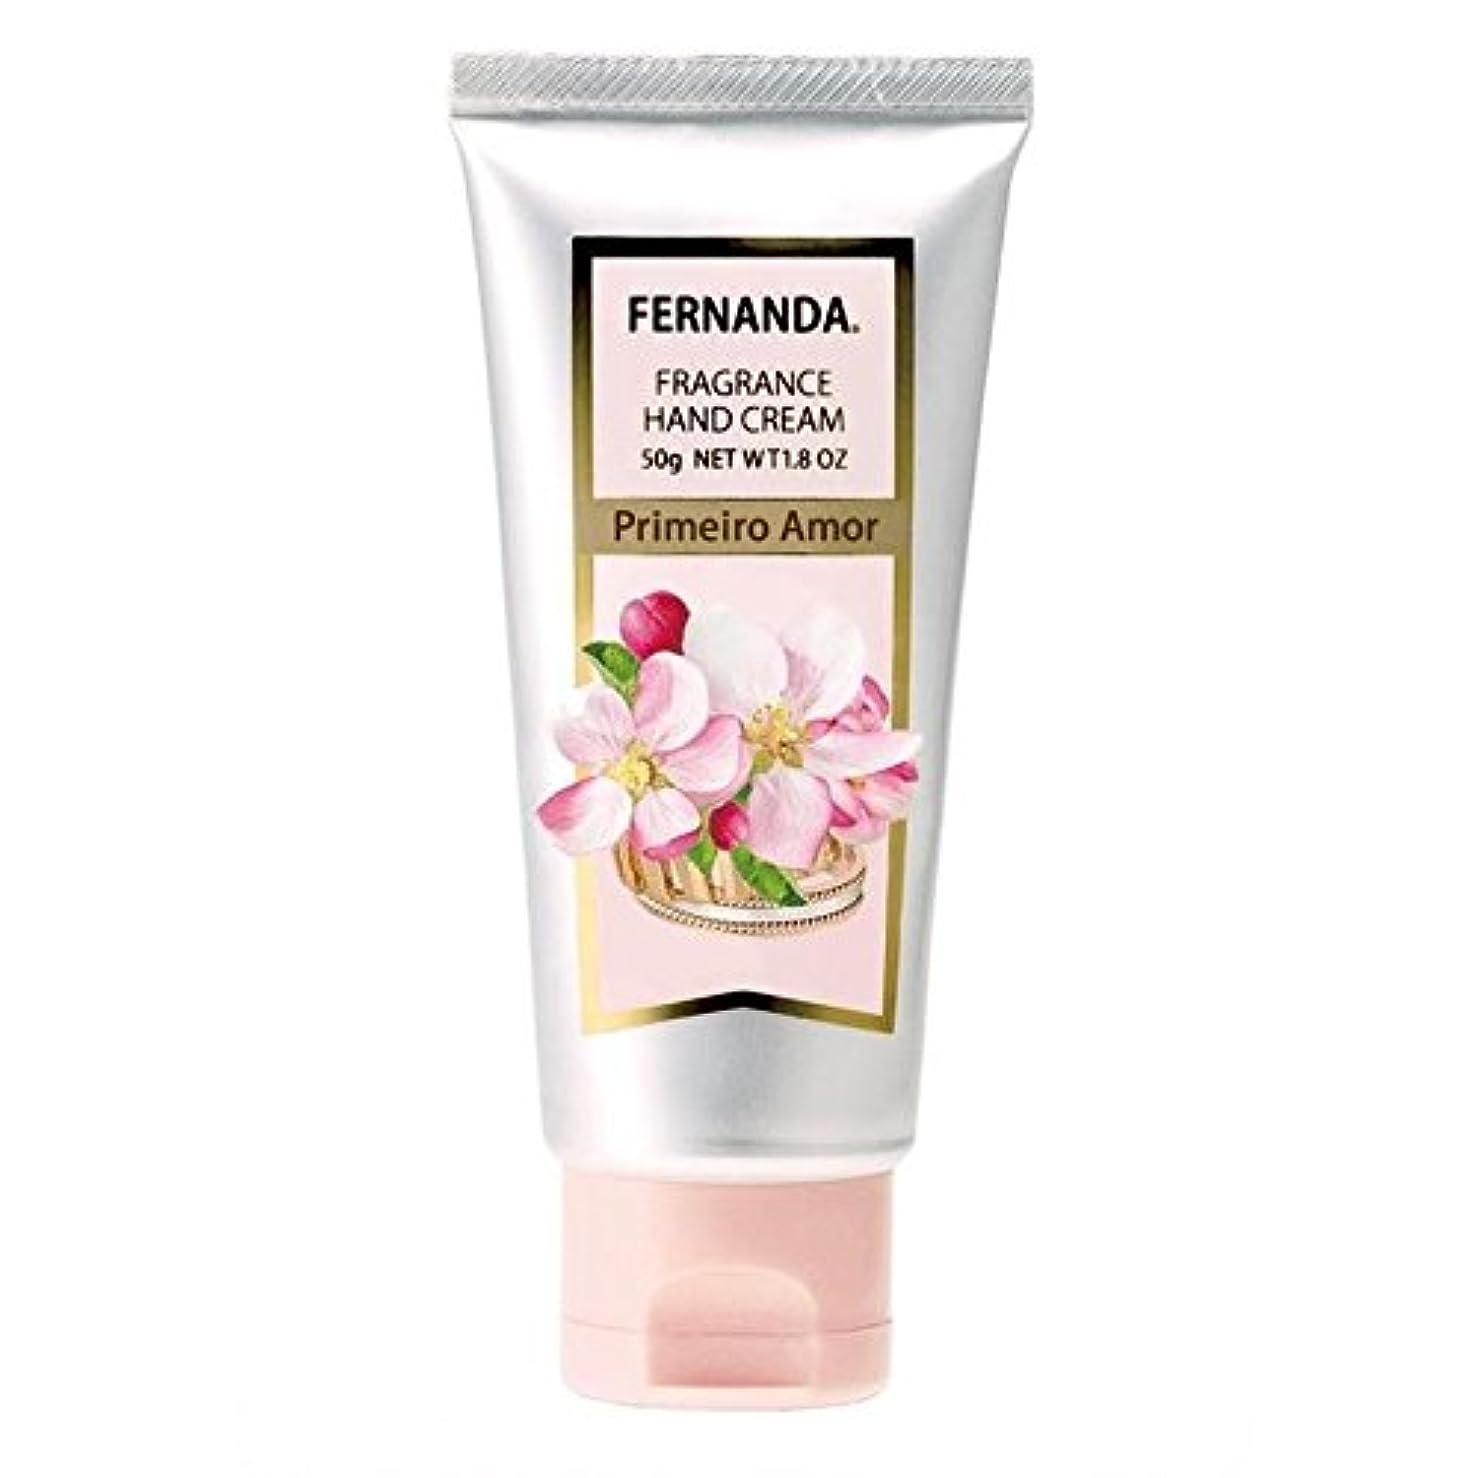 敬の念宇宙船実験的FERNANDA(フェルナンダ) Hand Cream Primeiro Amor(ハンドクリーム プリメイロアモール)